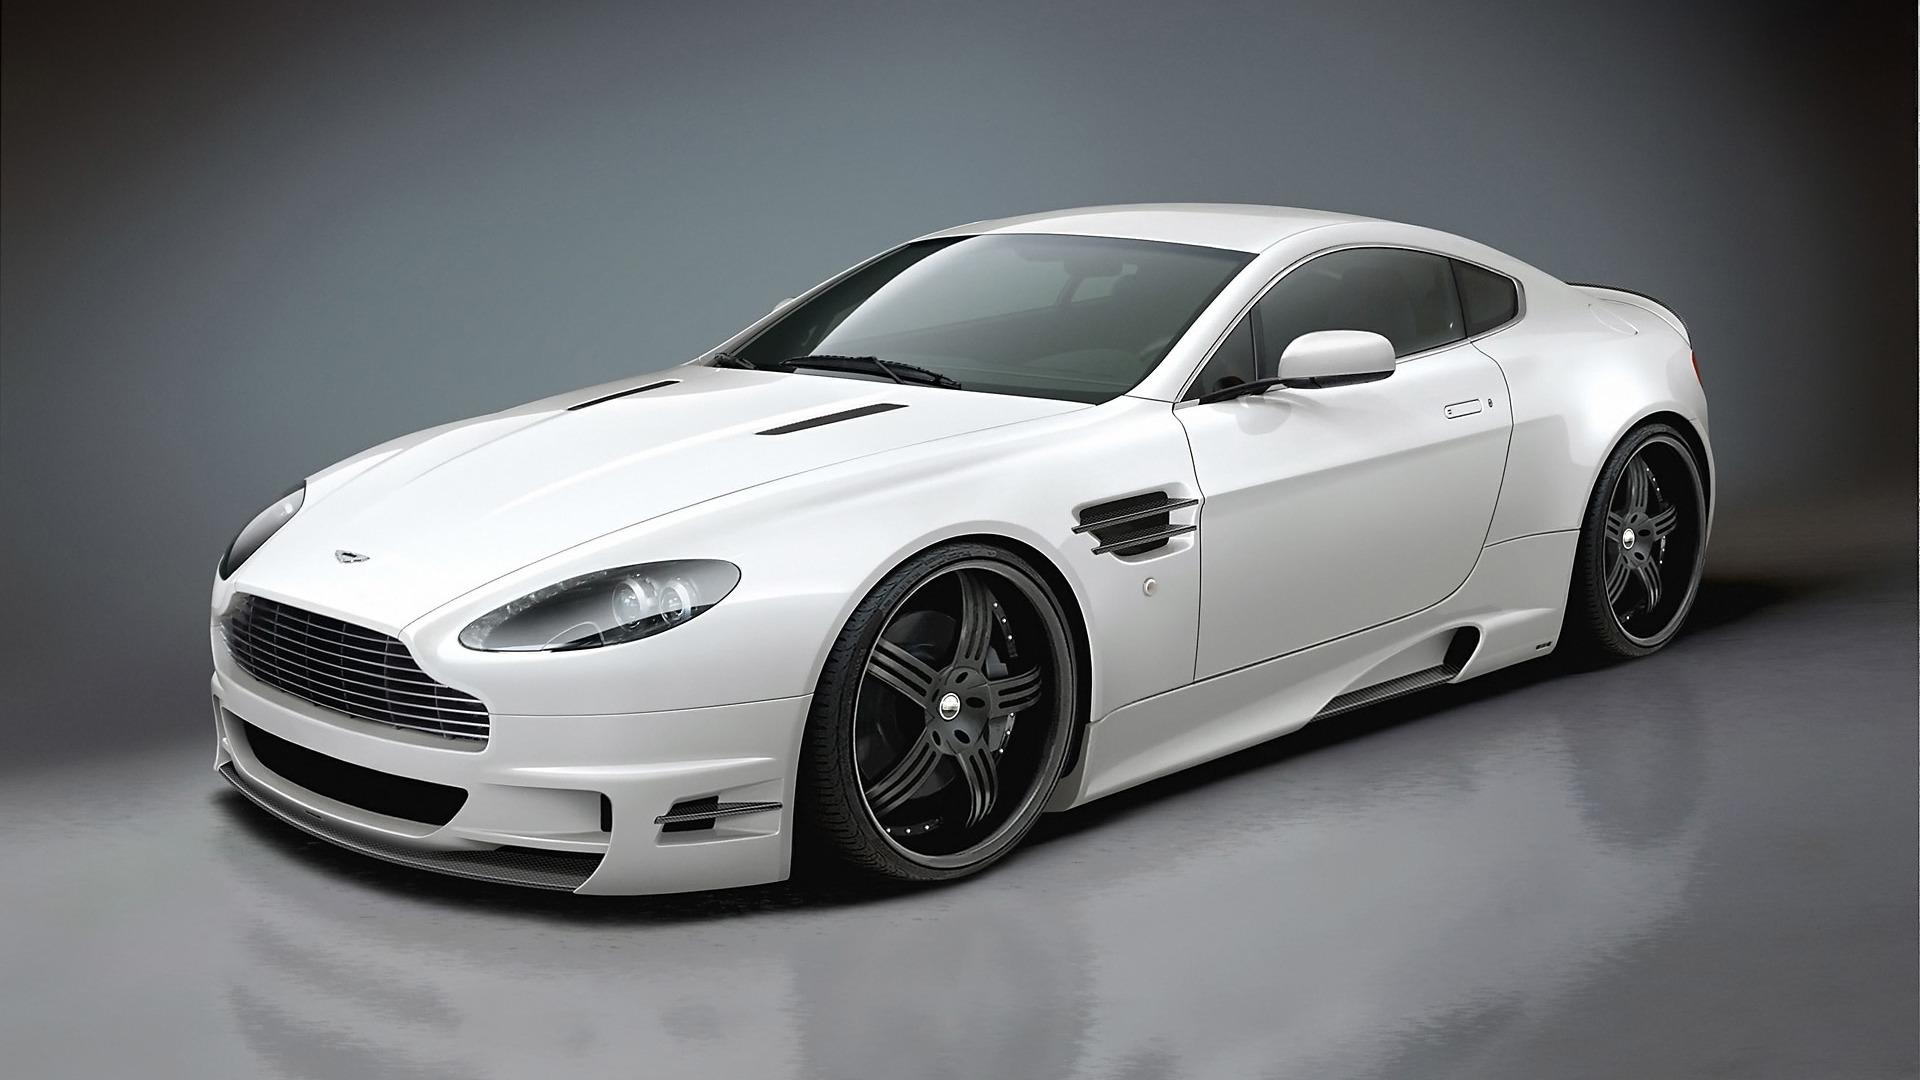 2014 White Aston Martin DB9